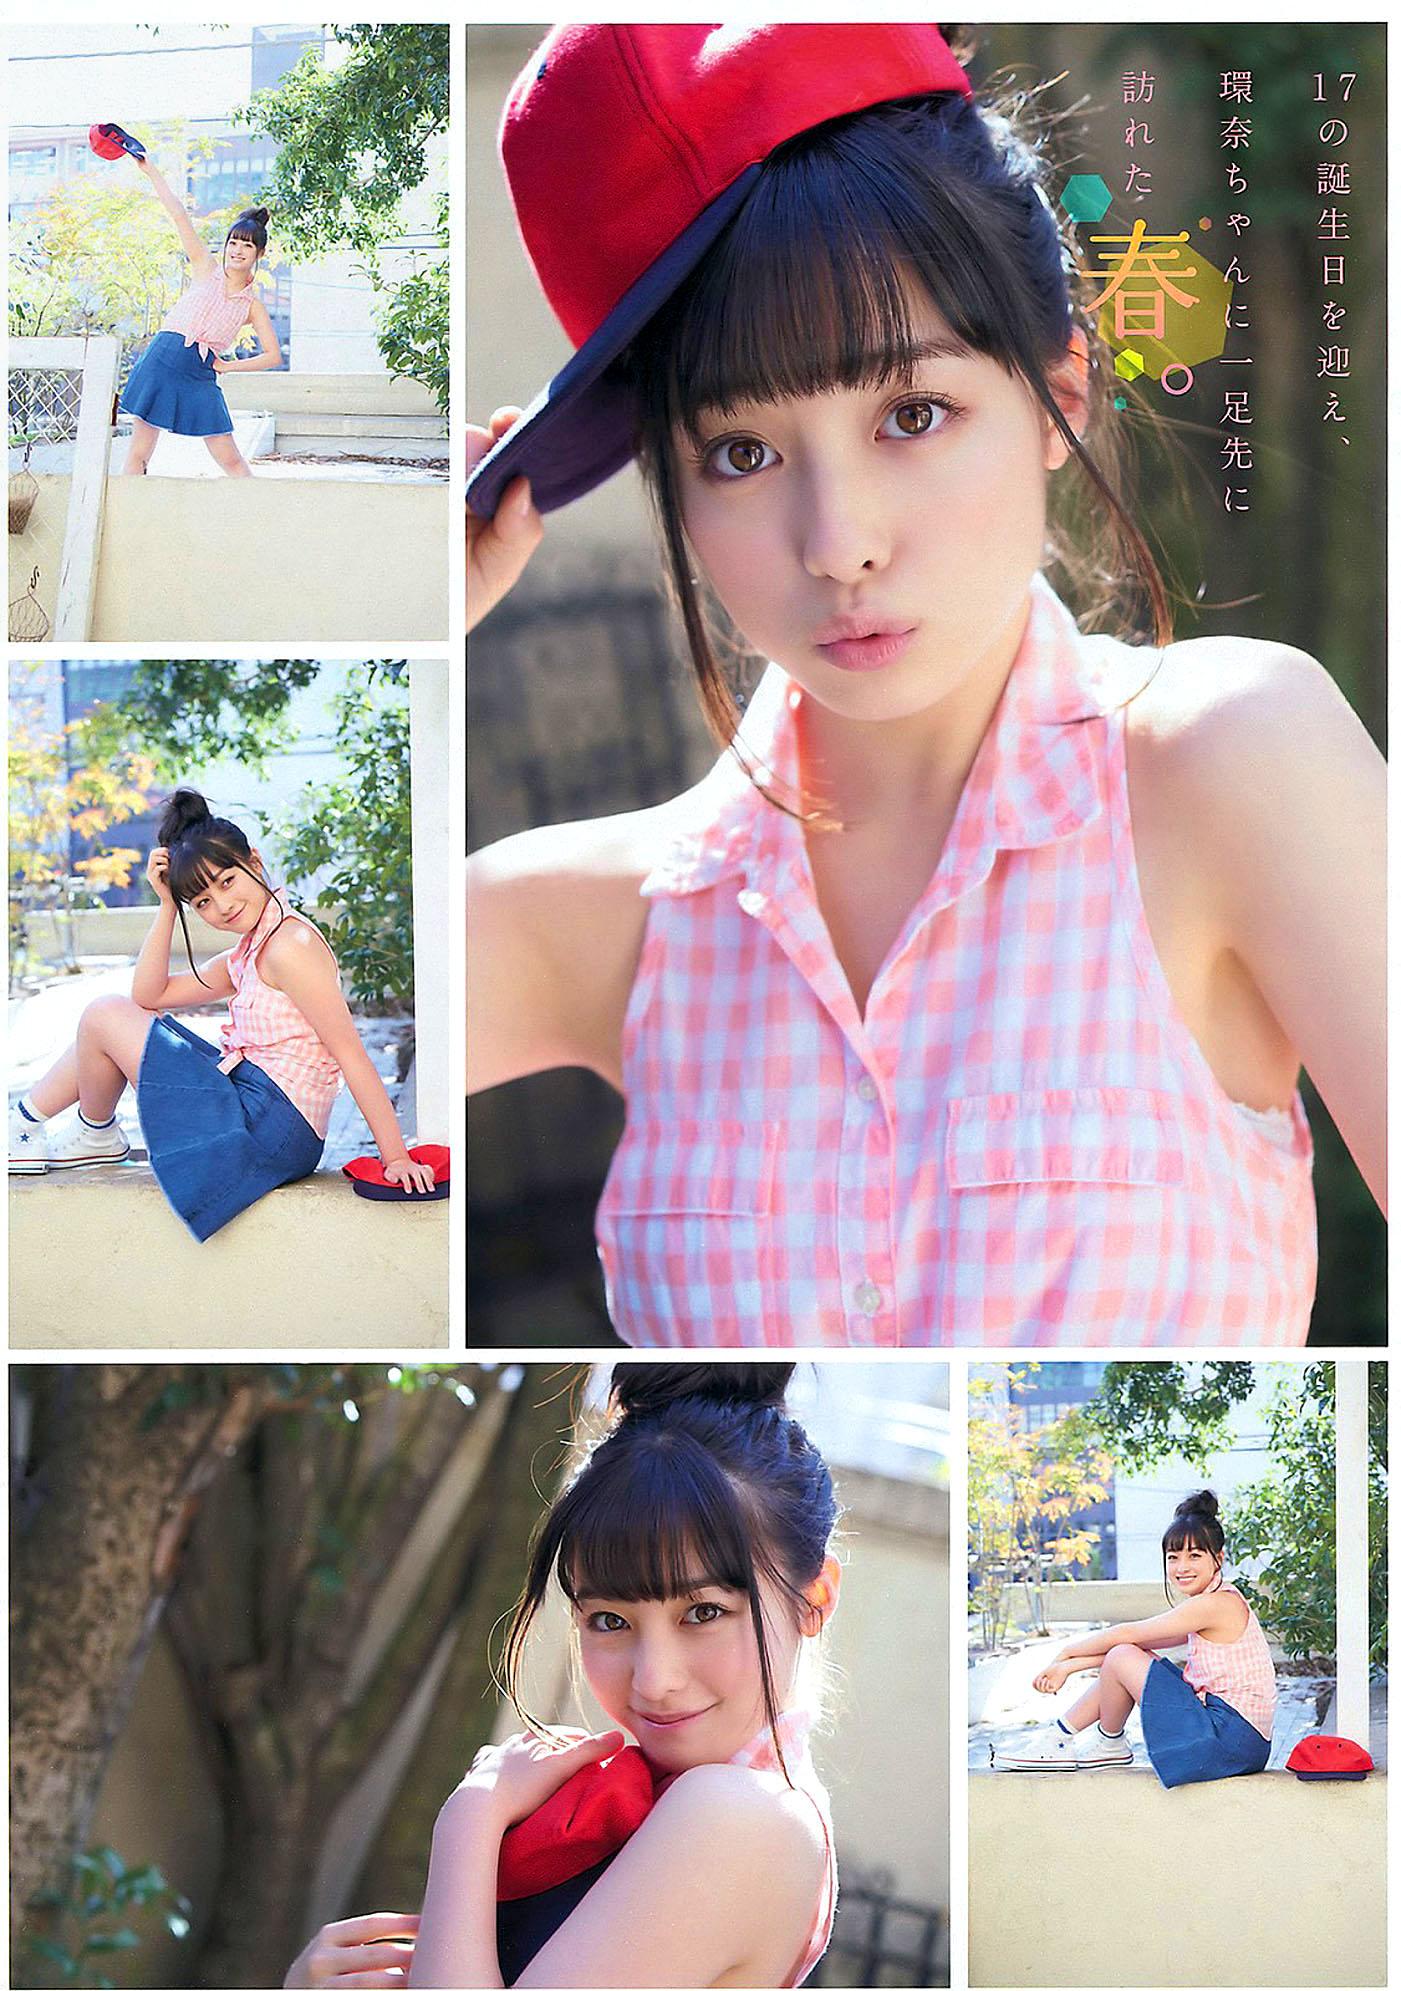 KHashimoto Young Magazine 160314 03.jpg